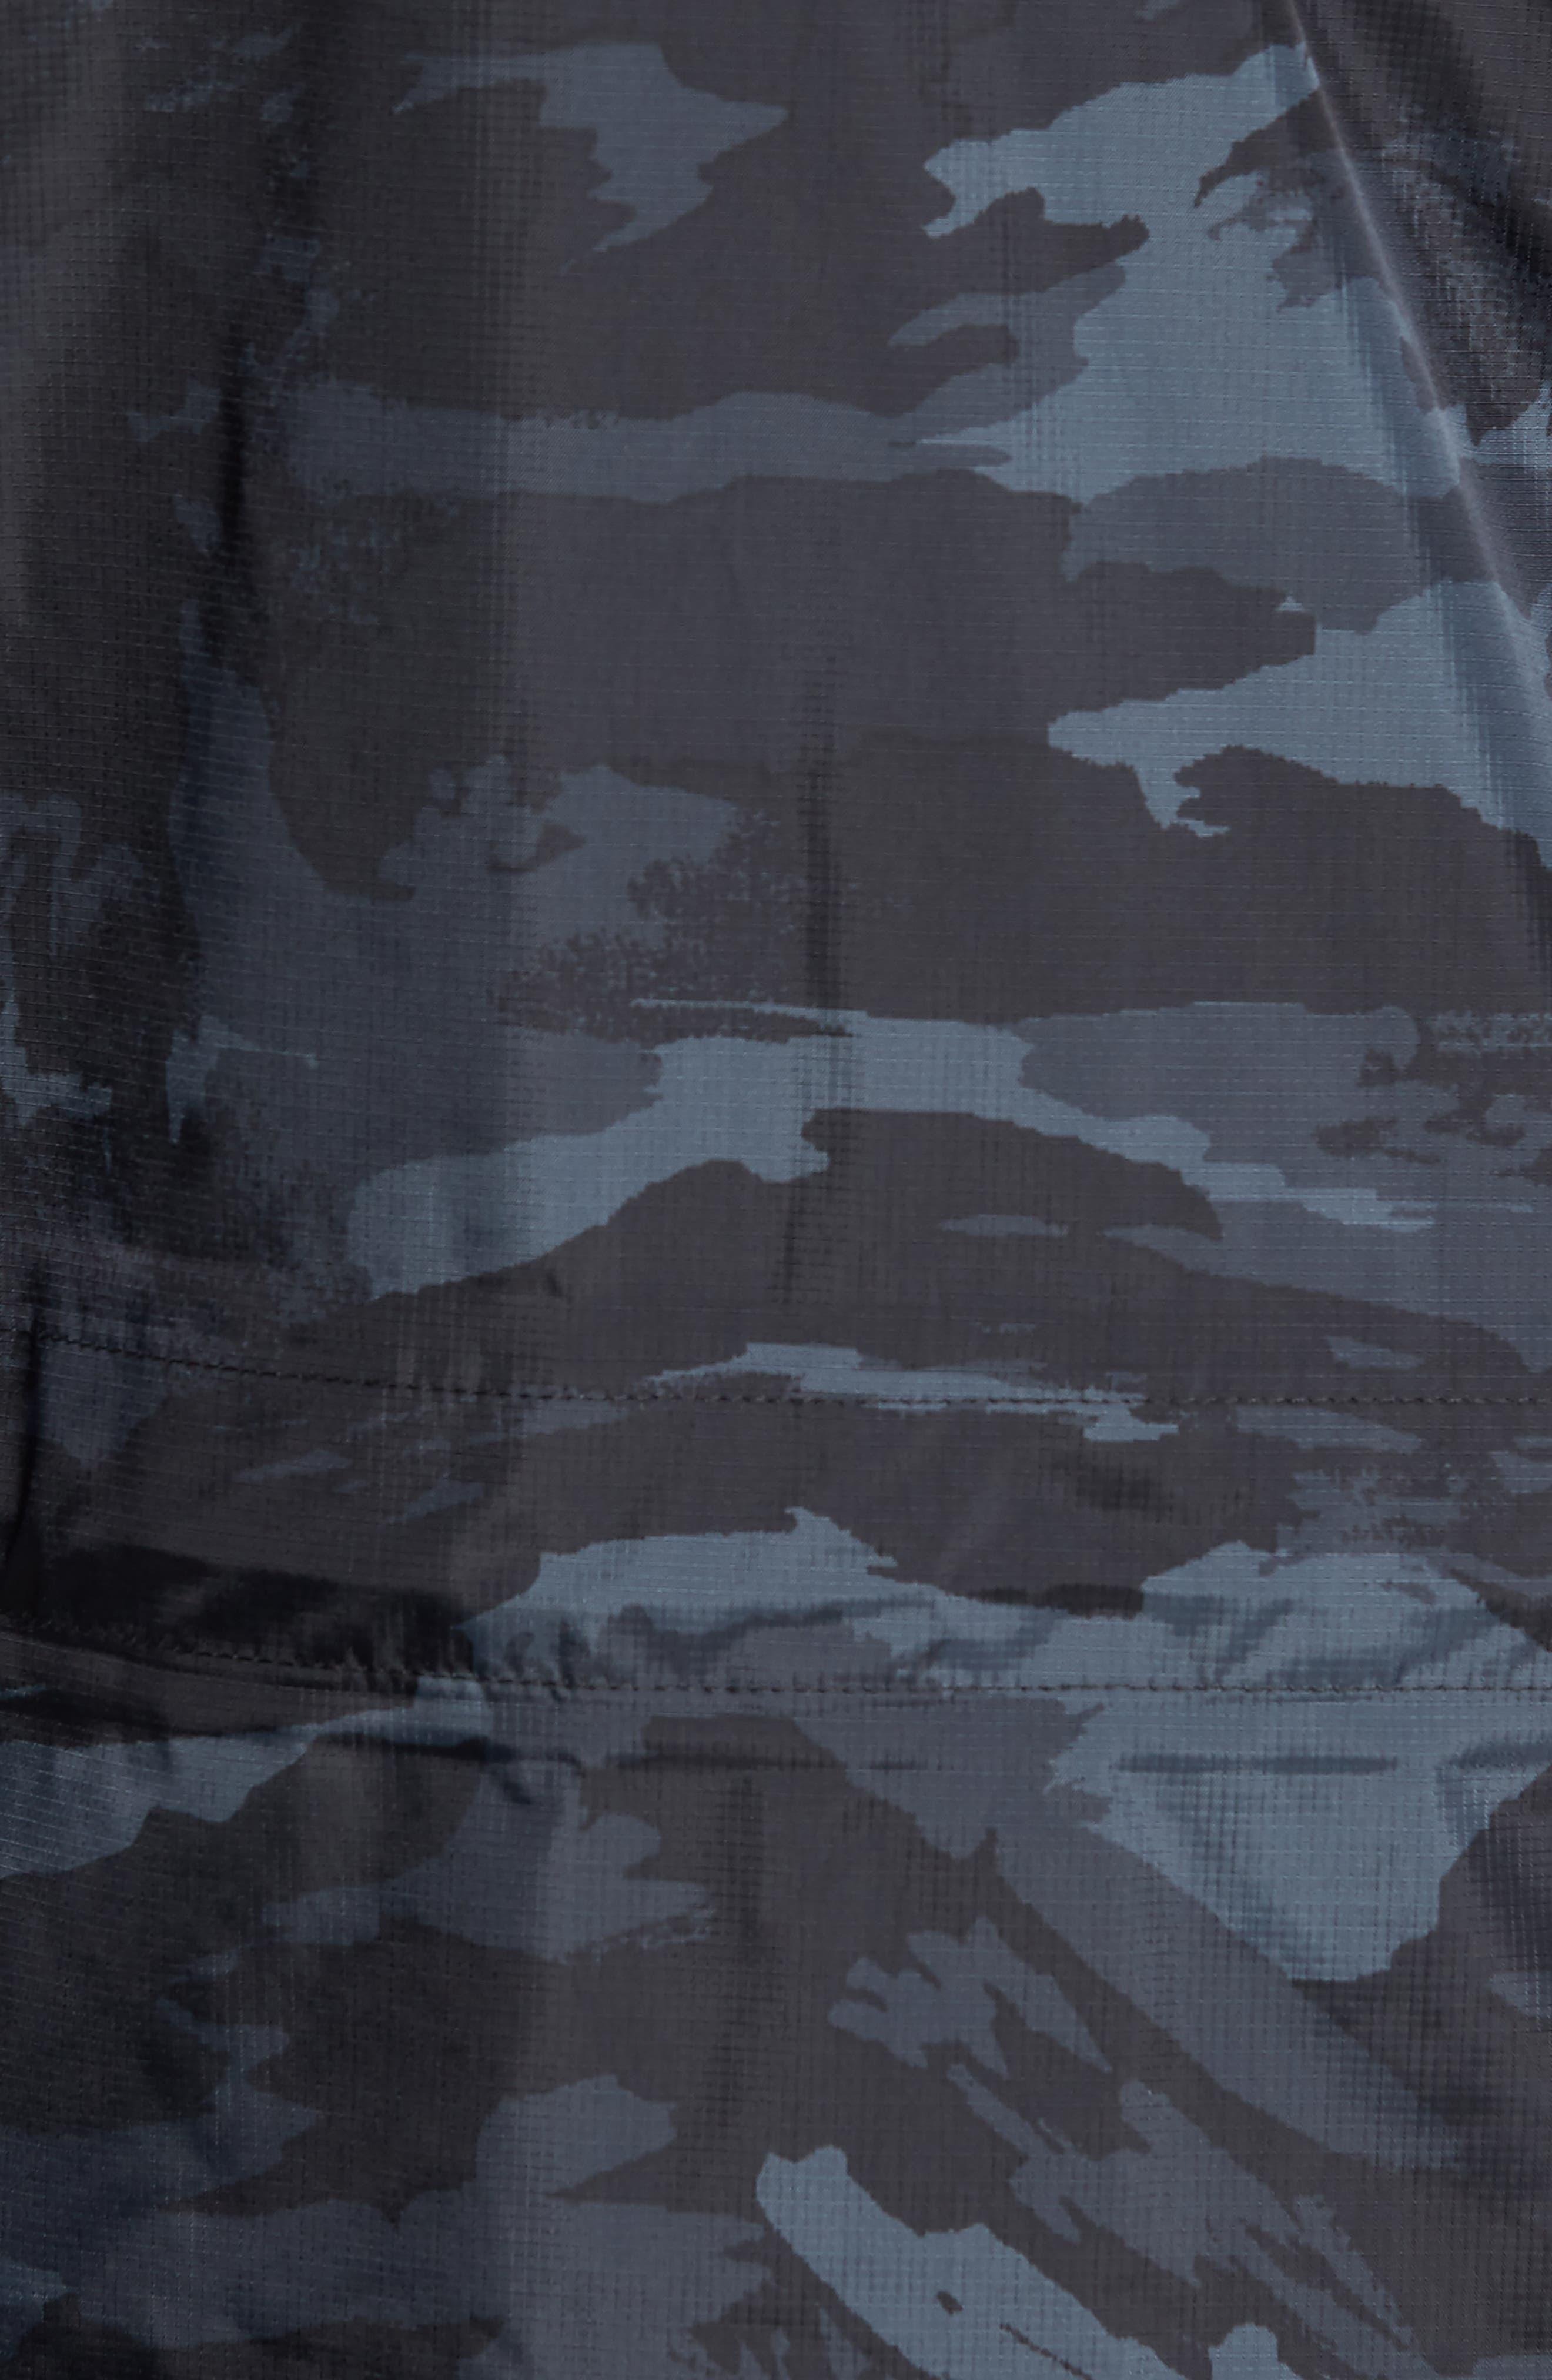 Torrentshell Waterproof Jacket,                             Alternate thumbnail 17, color,